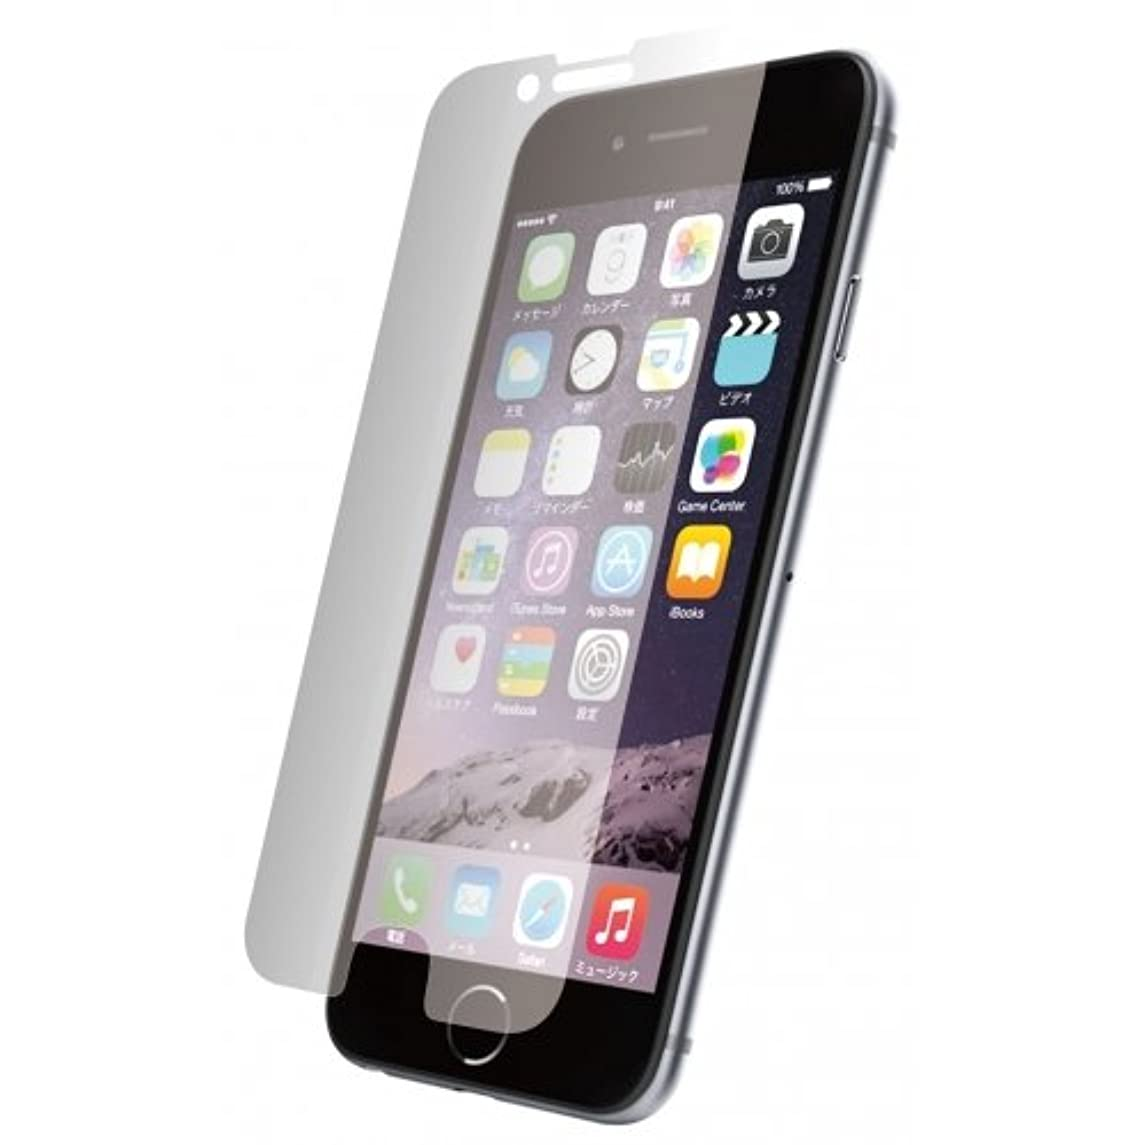 タクシー掻く味方グルマンディーズ iPhone6Plus対応 ガラスシールド プライバシー IP6L-22